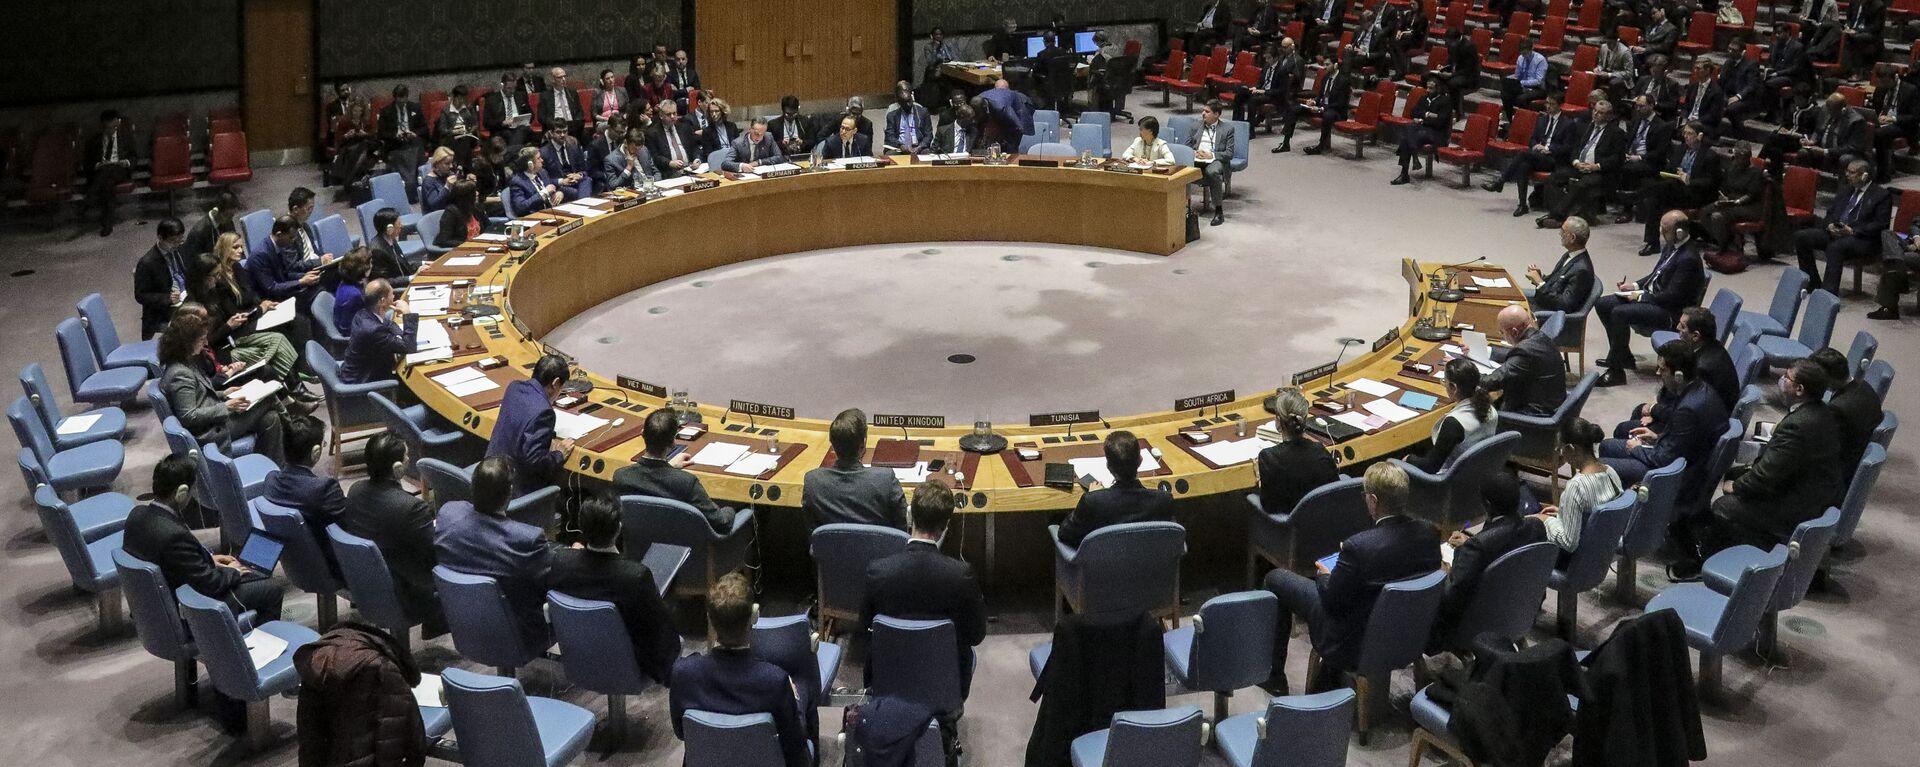 Cuộc họp của Hội đồng Bảo an Liên hợp quốc tại New York - Sputnik Việt Nam, 1920, 06.08.2021